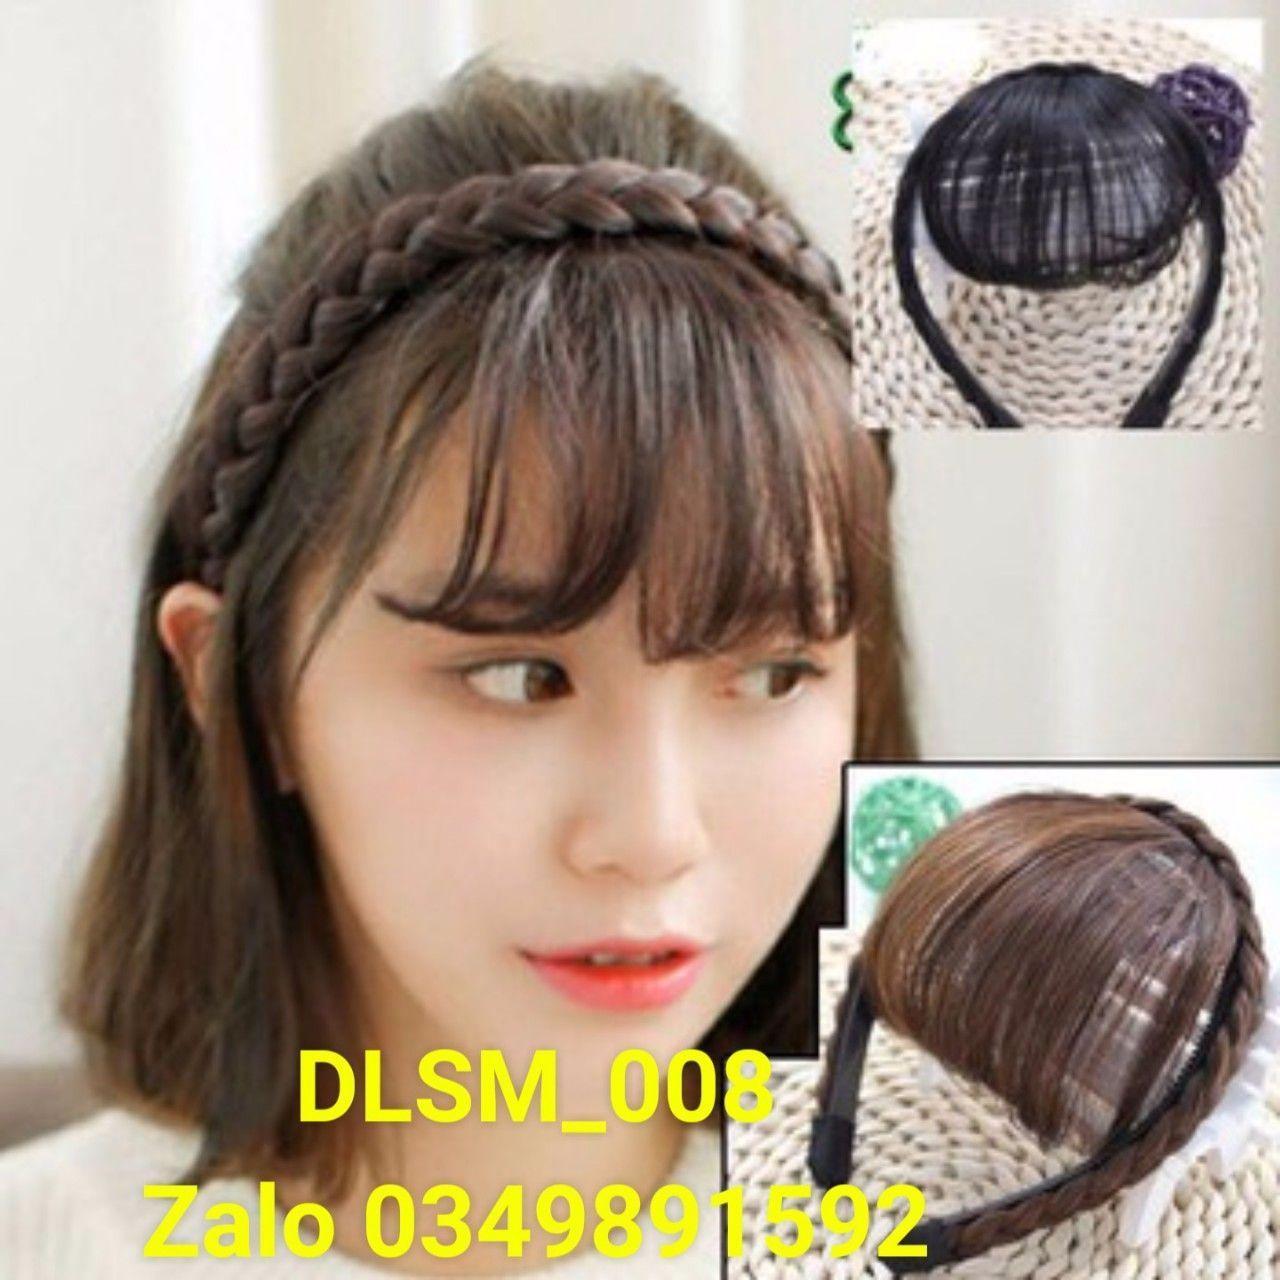 Mái thưa kết hợp cài tóc Hàn Quốc_DLSM_008 tốt nhất